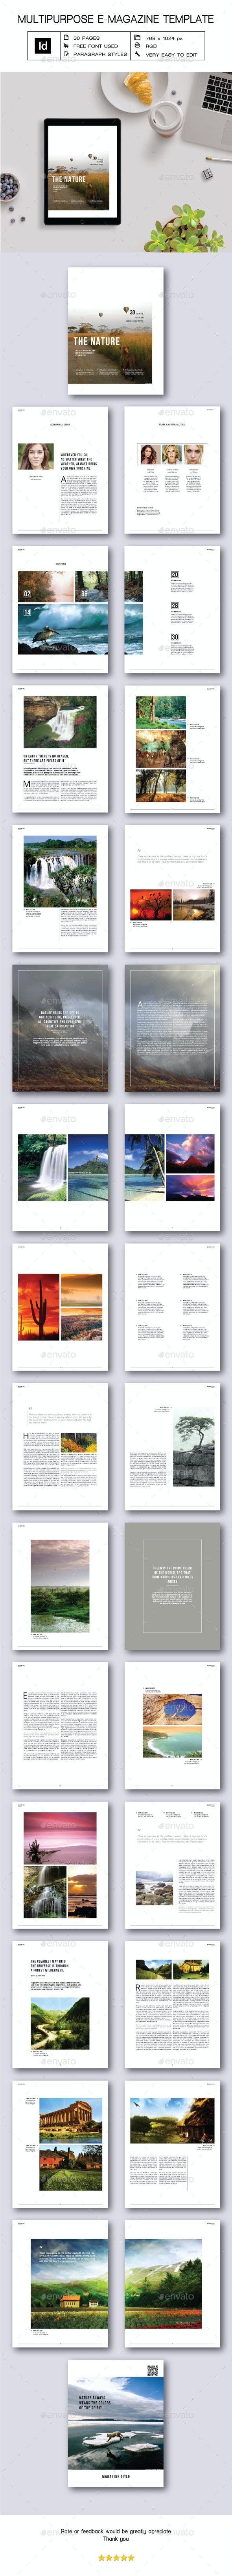 Multipurpose E-Magazine III - Digital Magazines ePublishing